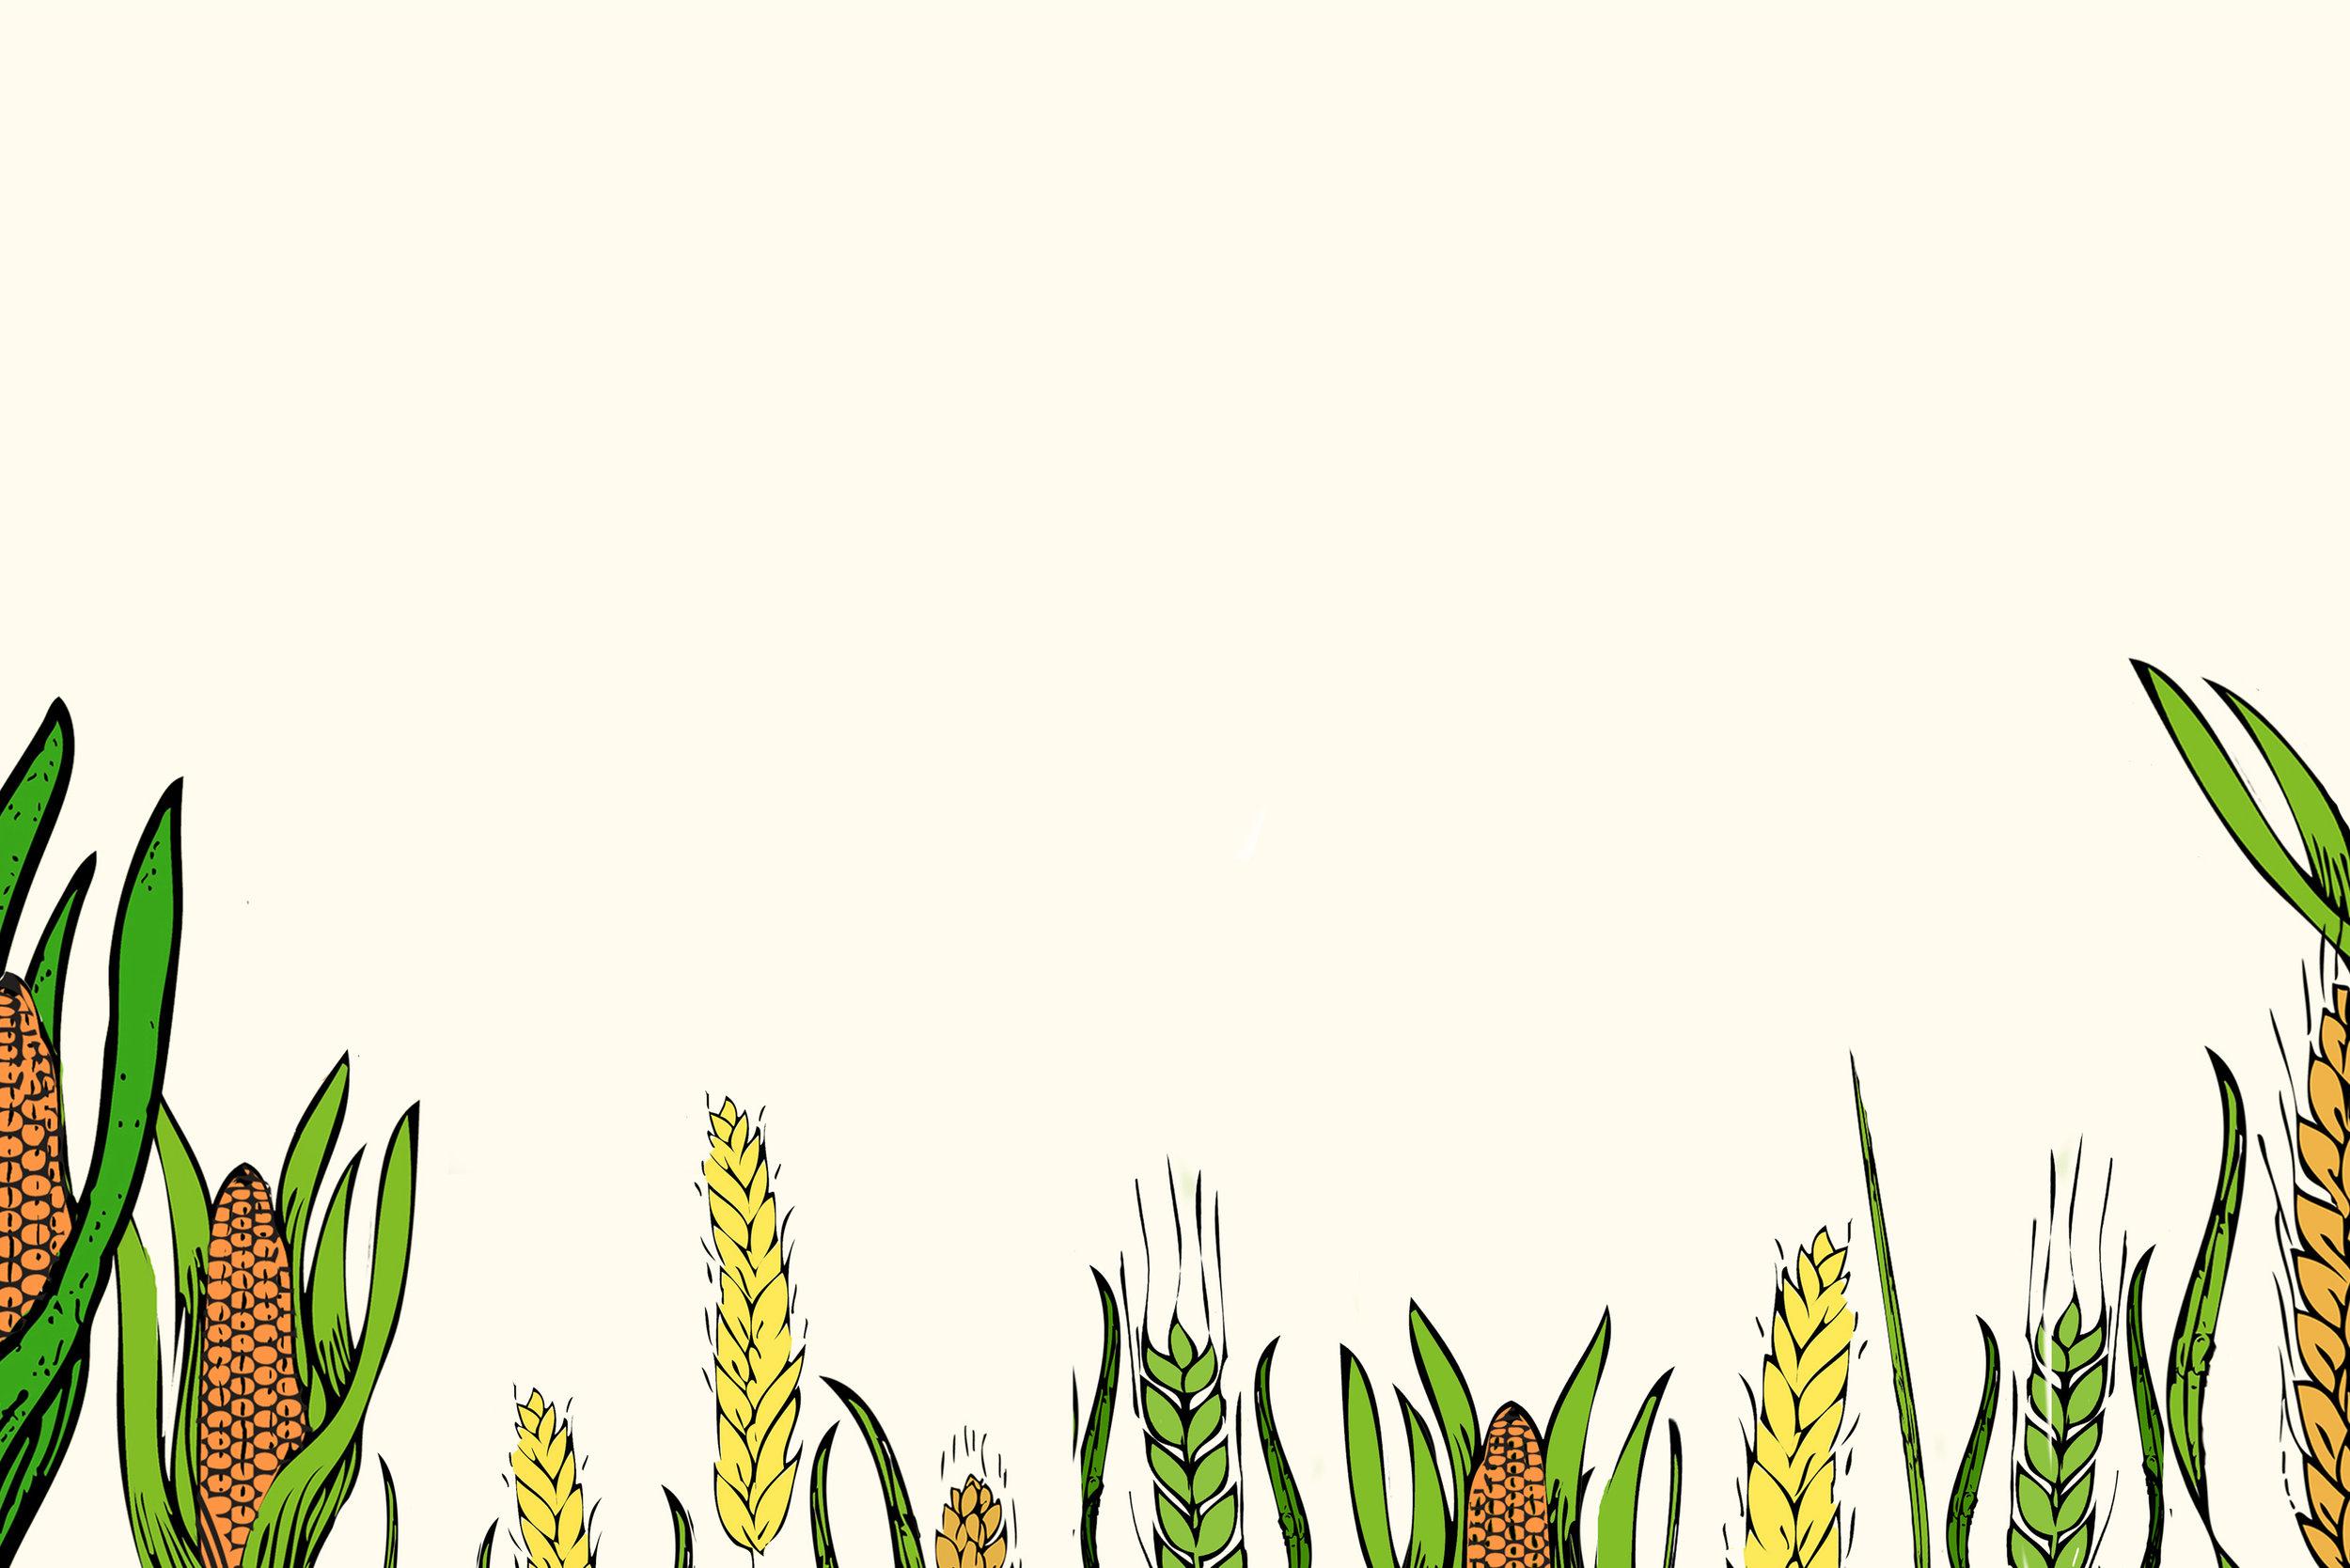 I nostri prodotti - Solo da grani italiani